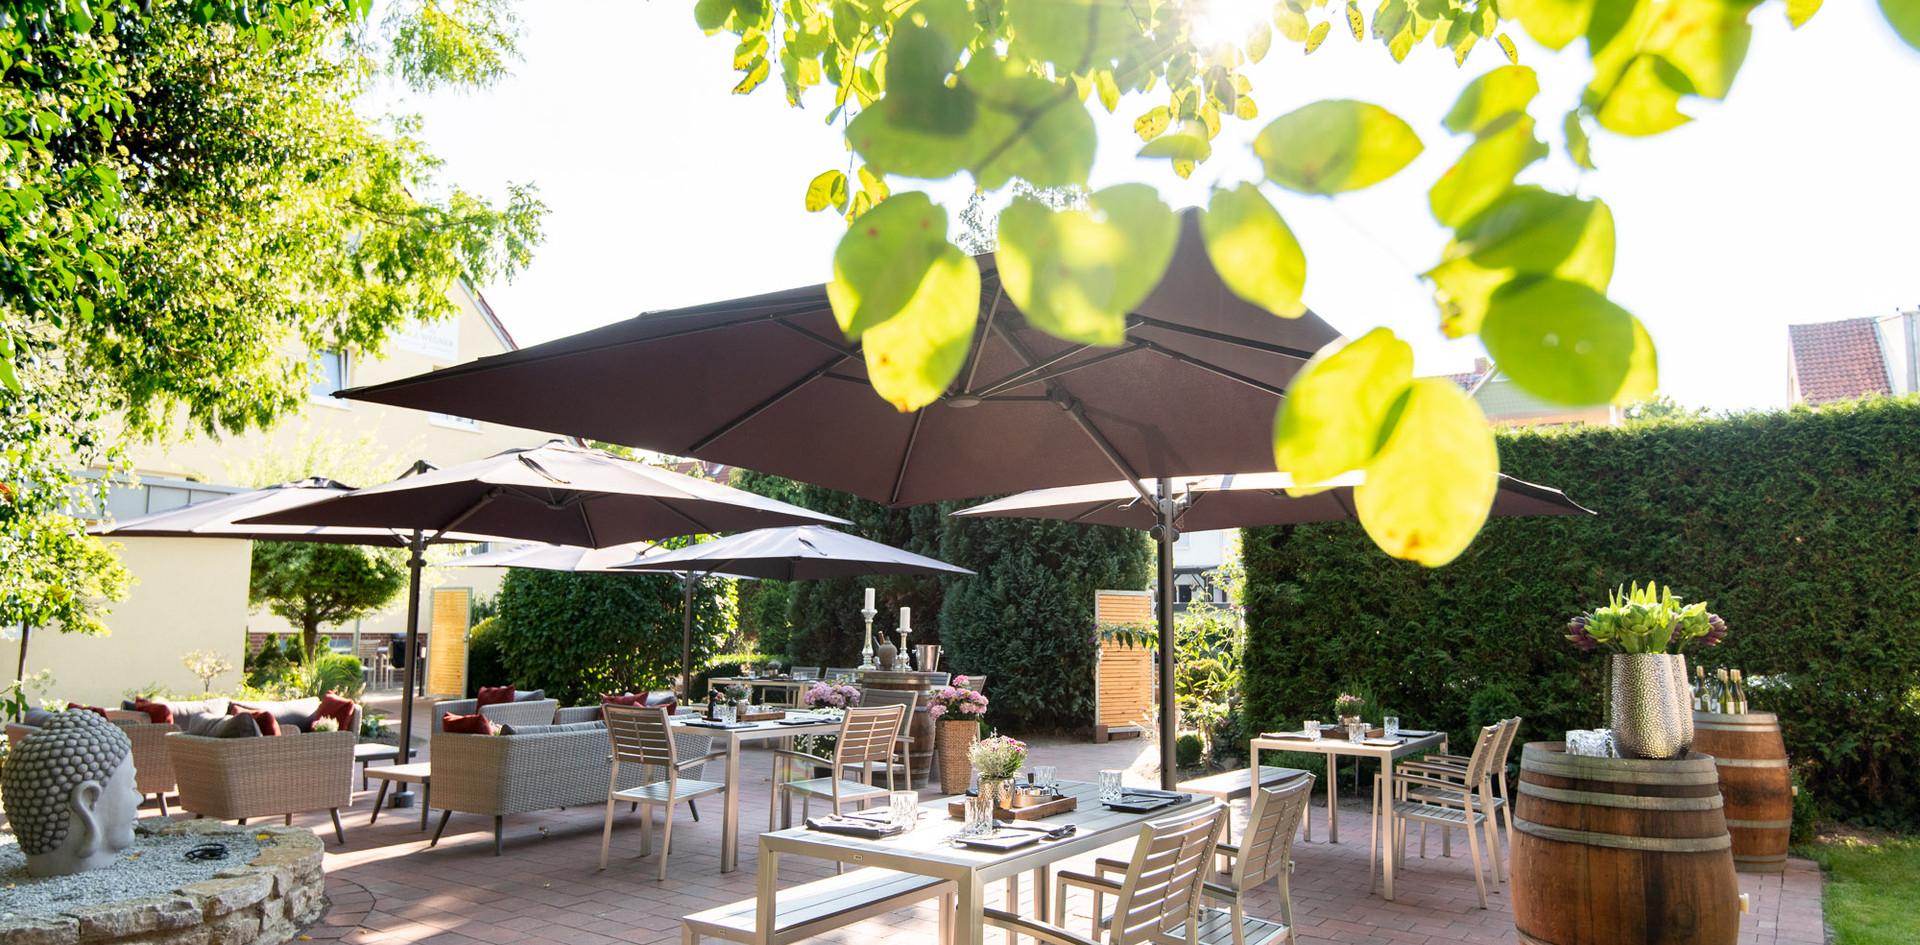 Essen auf der Gartenterrasse Hotel Wegner - the culinary art hotel